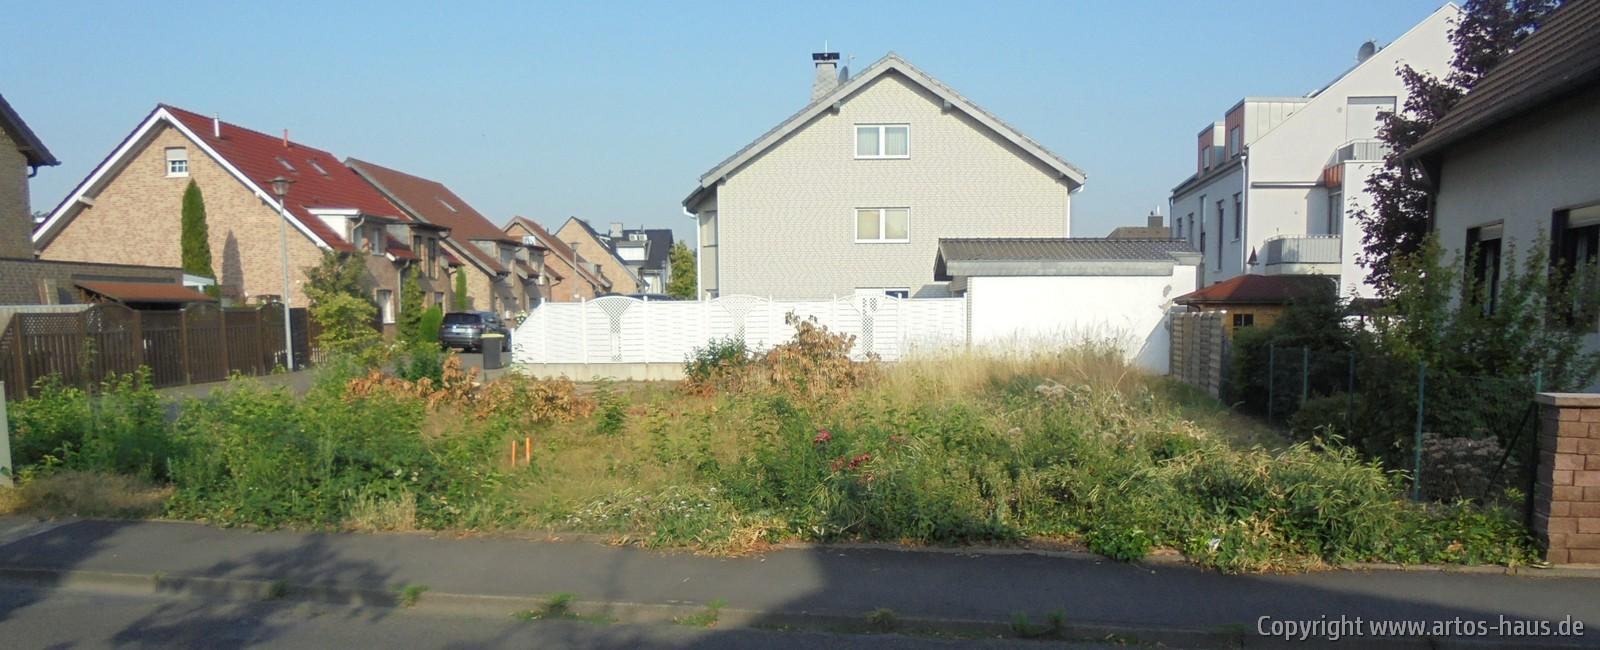 Absteckung Grundstück vor Erdarbeiten | ARTOS HAUS Bild 1